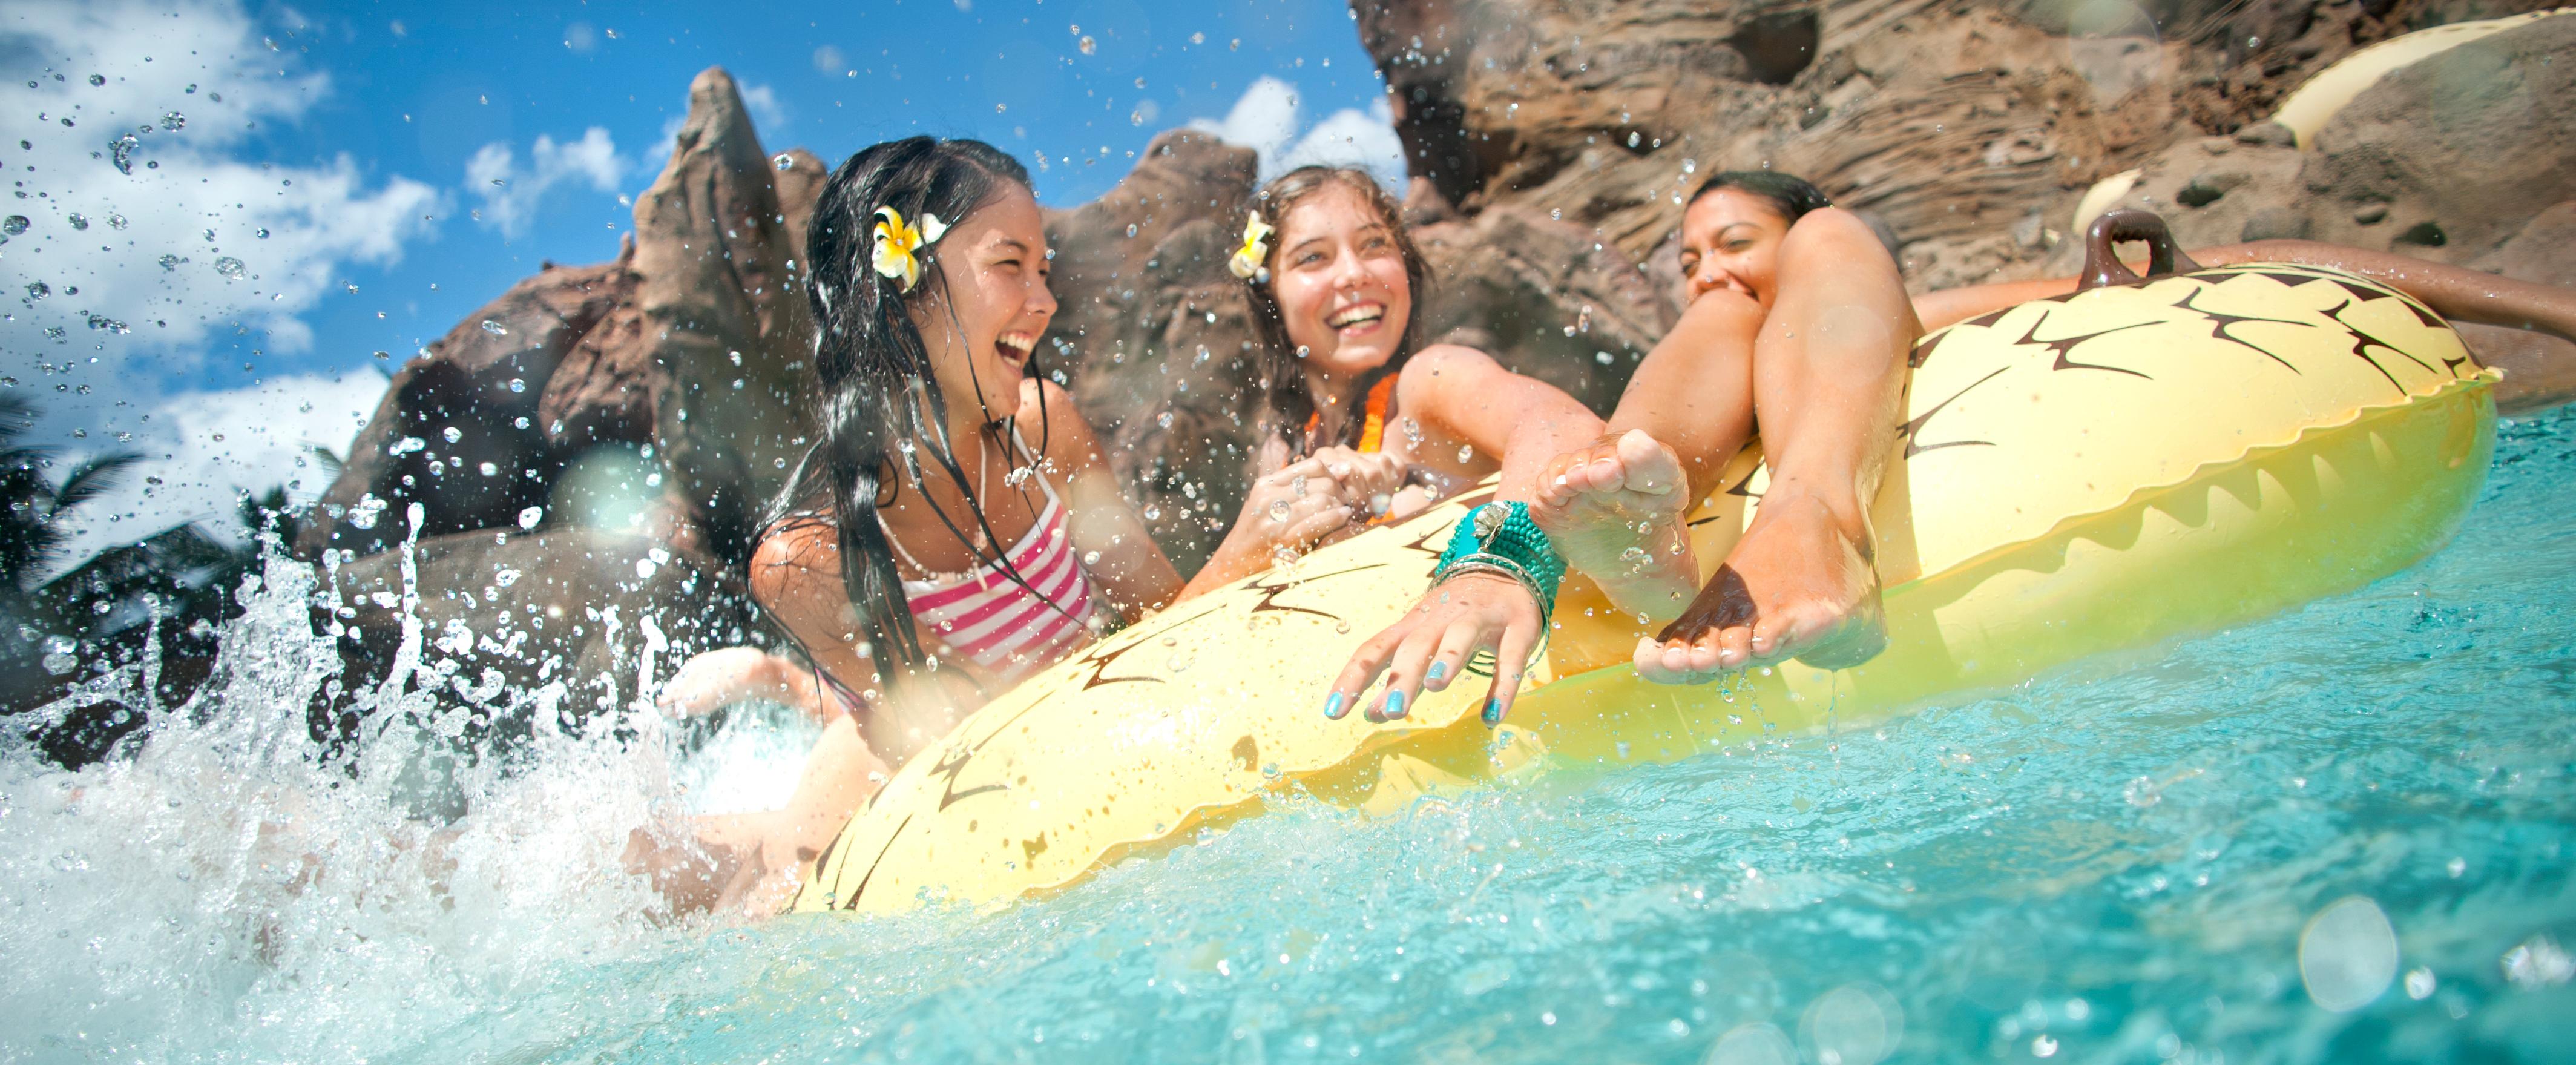 アウラニのプールエリアで浮き輪に乗って浮かぶ少女たち